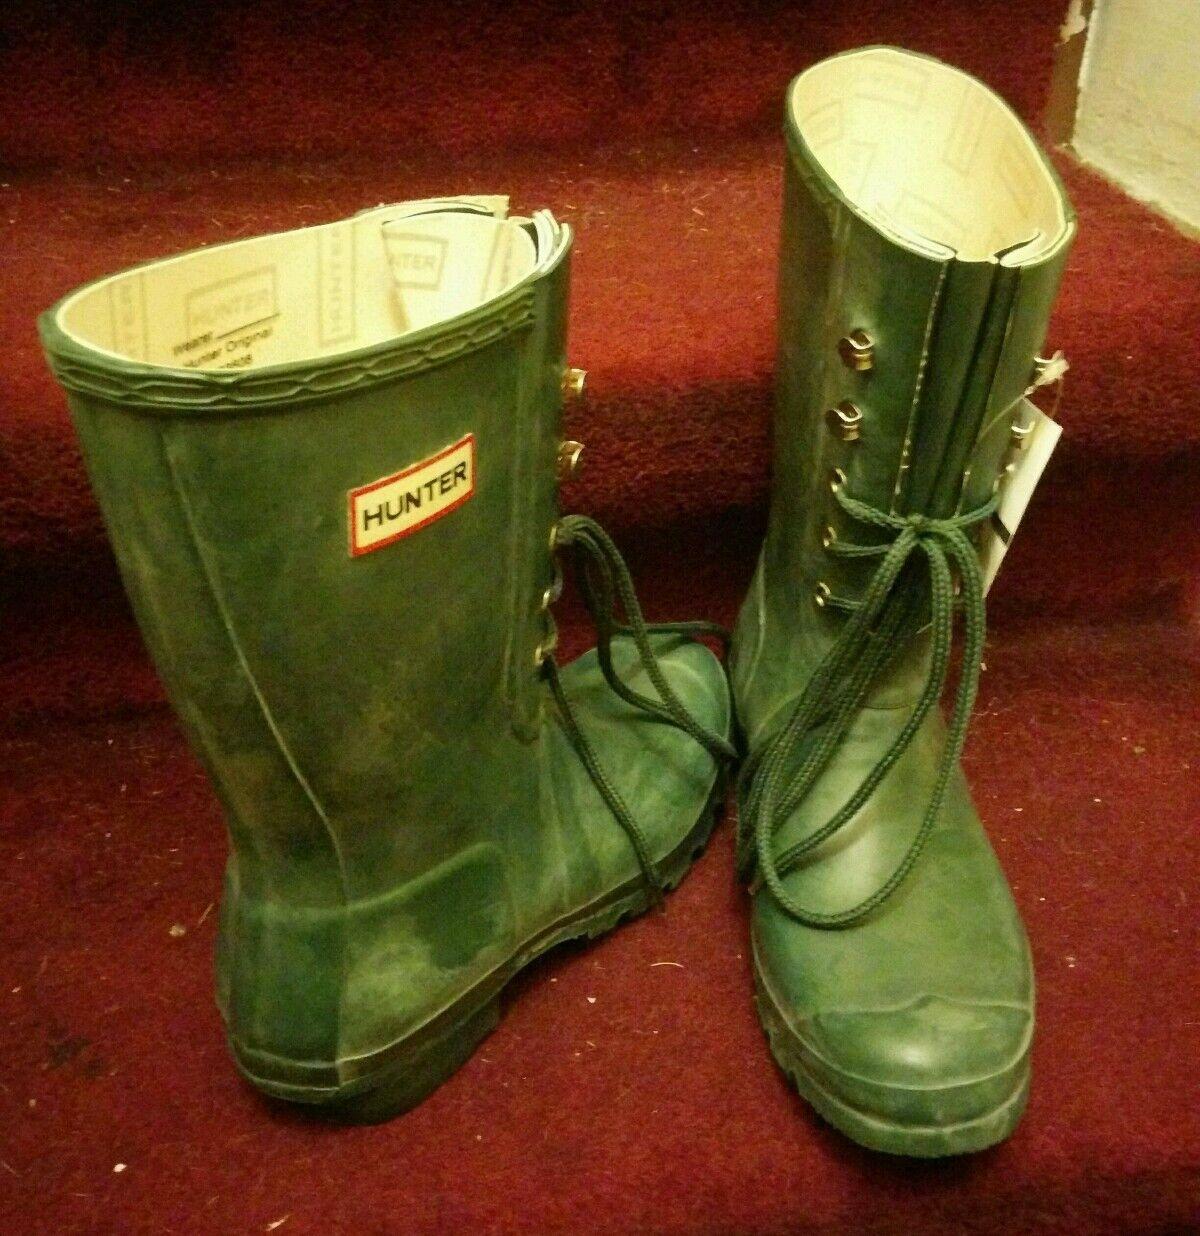 prezzi più convenienti RARE HUNTER verde LACE UP RUBBER RAIN stivali stivali stivali US Uomo 8 Donna  10 W23608 watling  alta qualità genuina